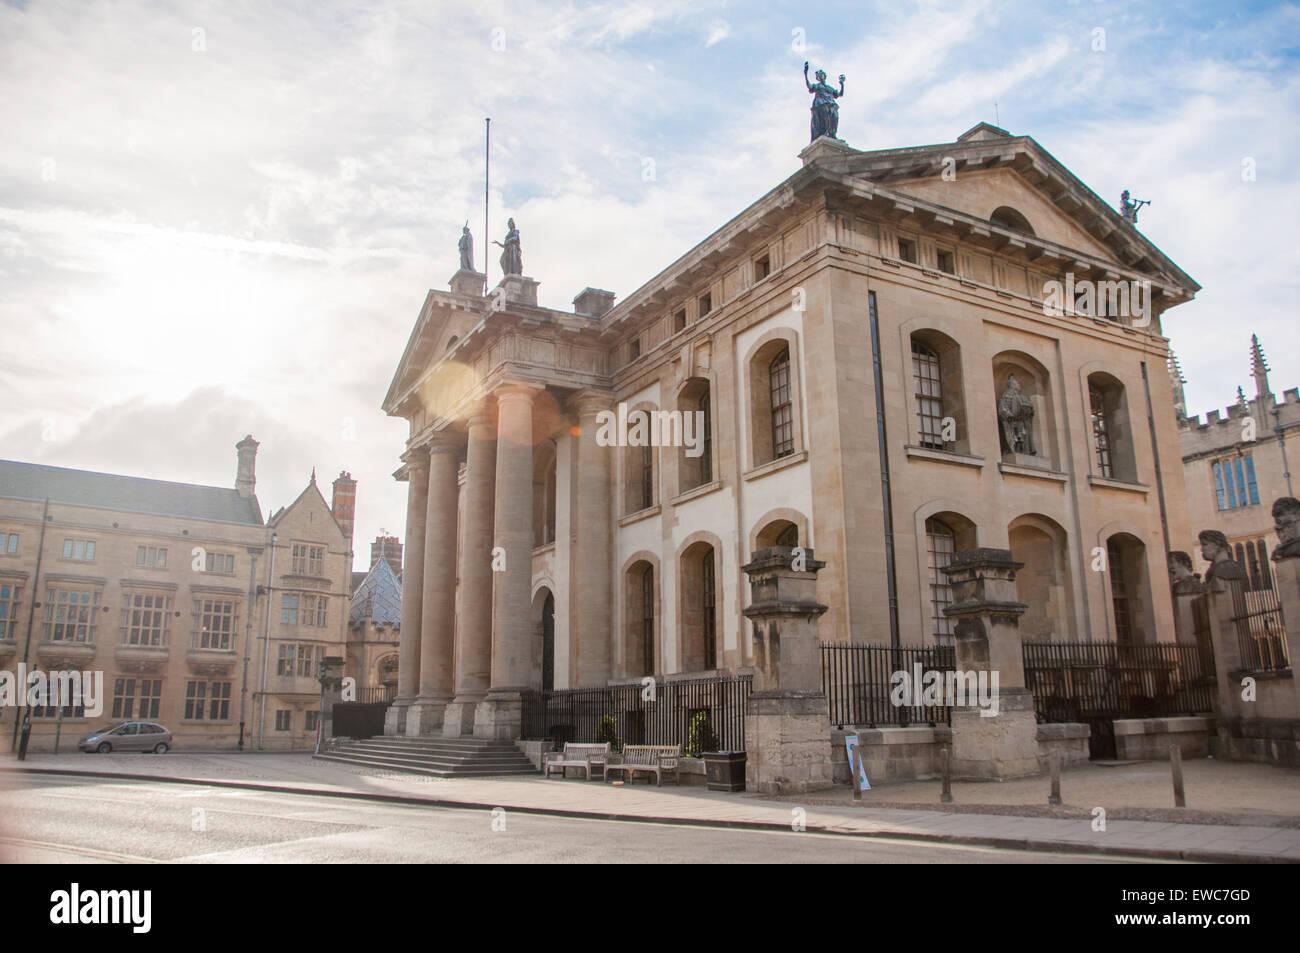 Vista la Bodleian Library (Clarendon Building), Oxford, Regno Unito Immagini Stock